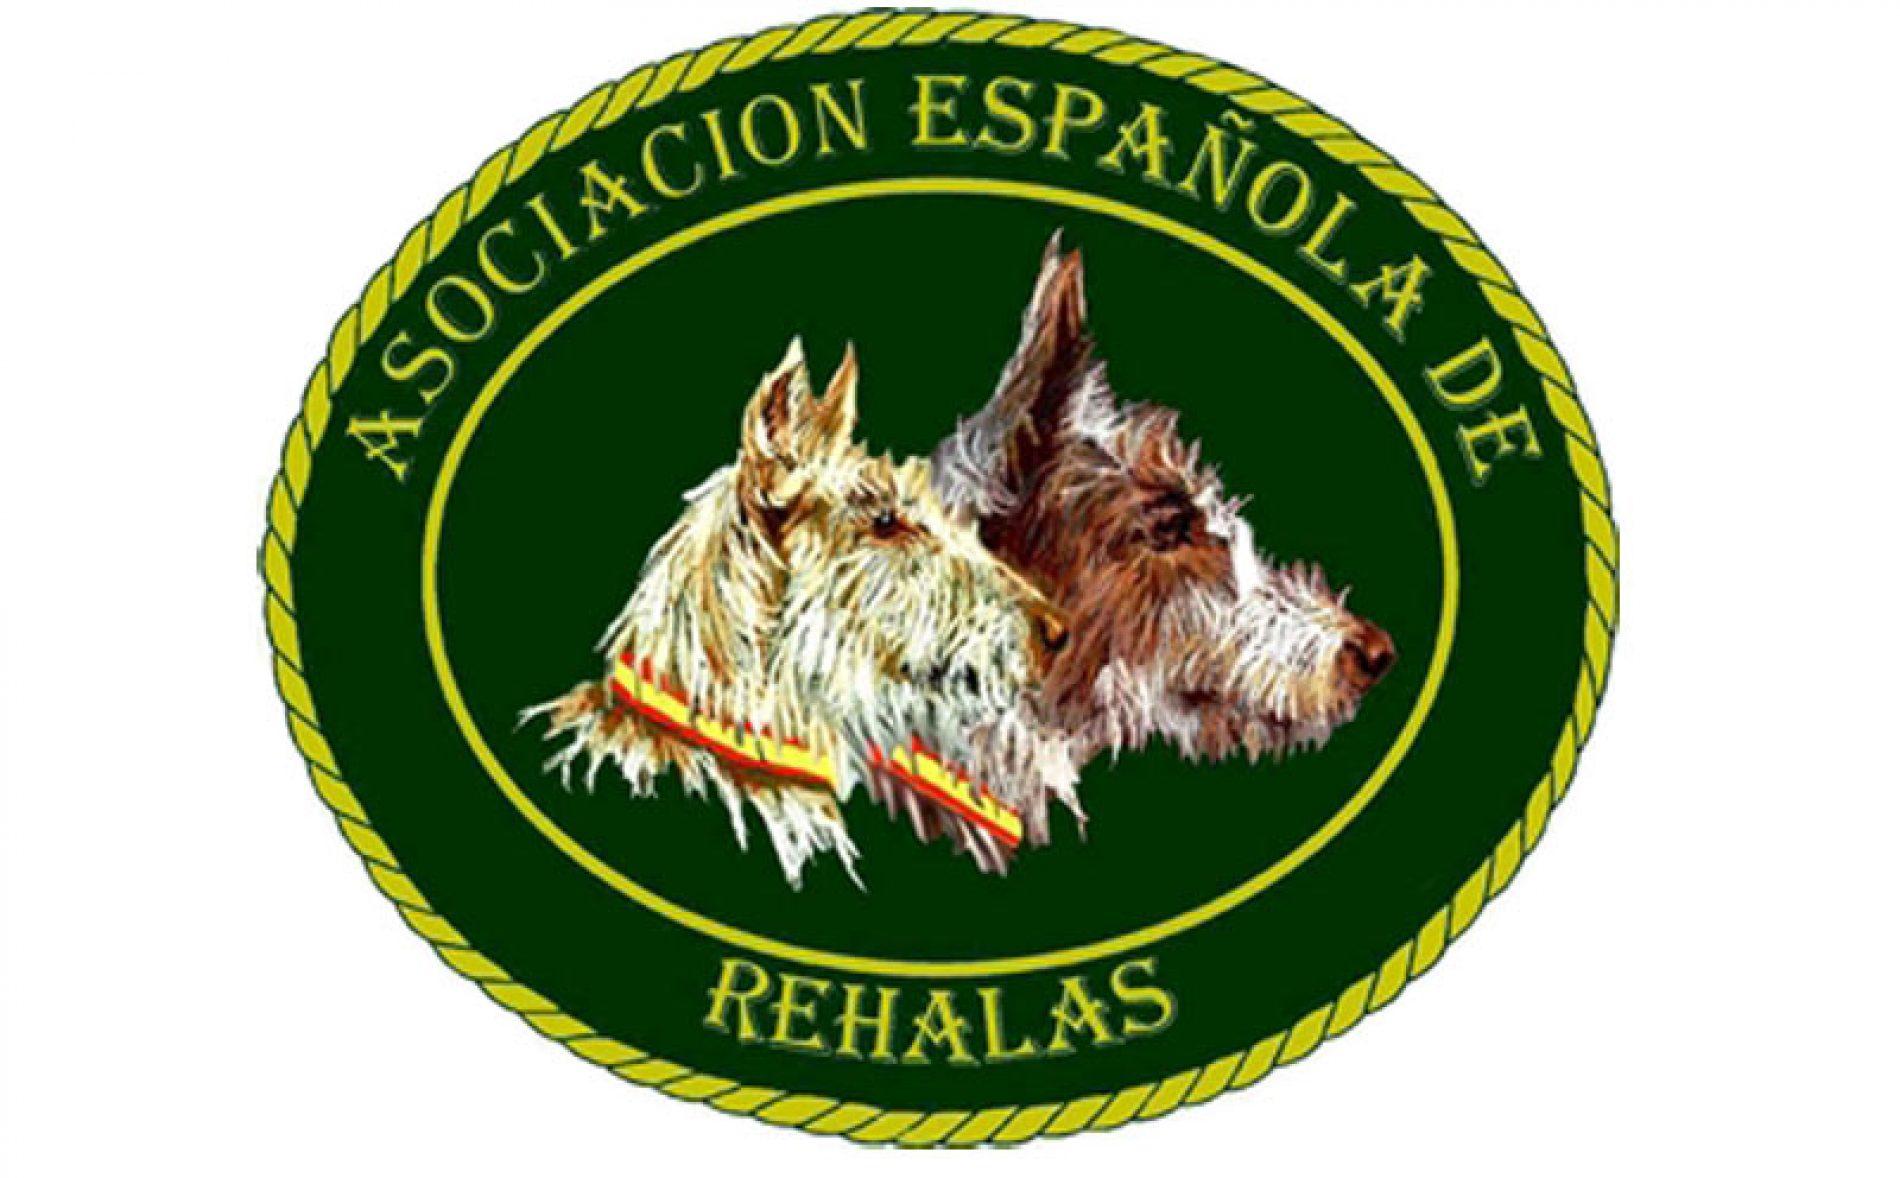 La AER traslada todo su apoyo al rehalero de Herreruela